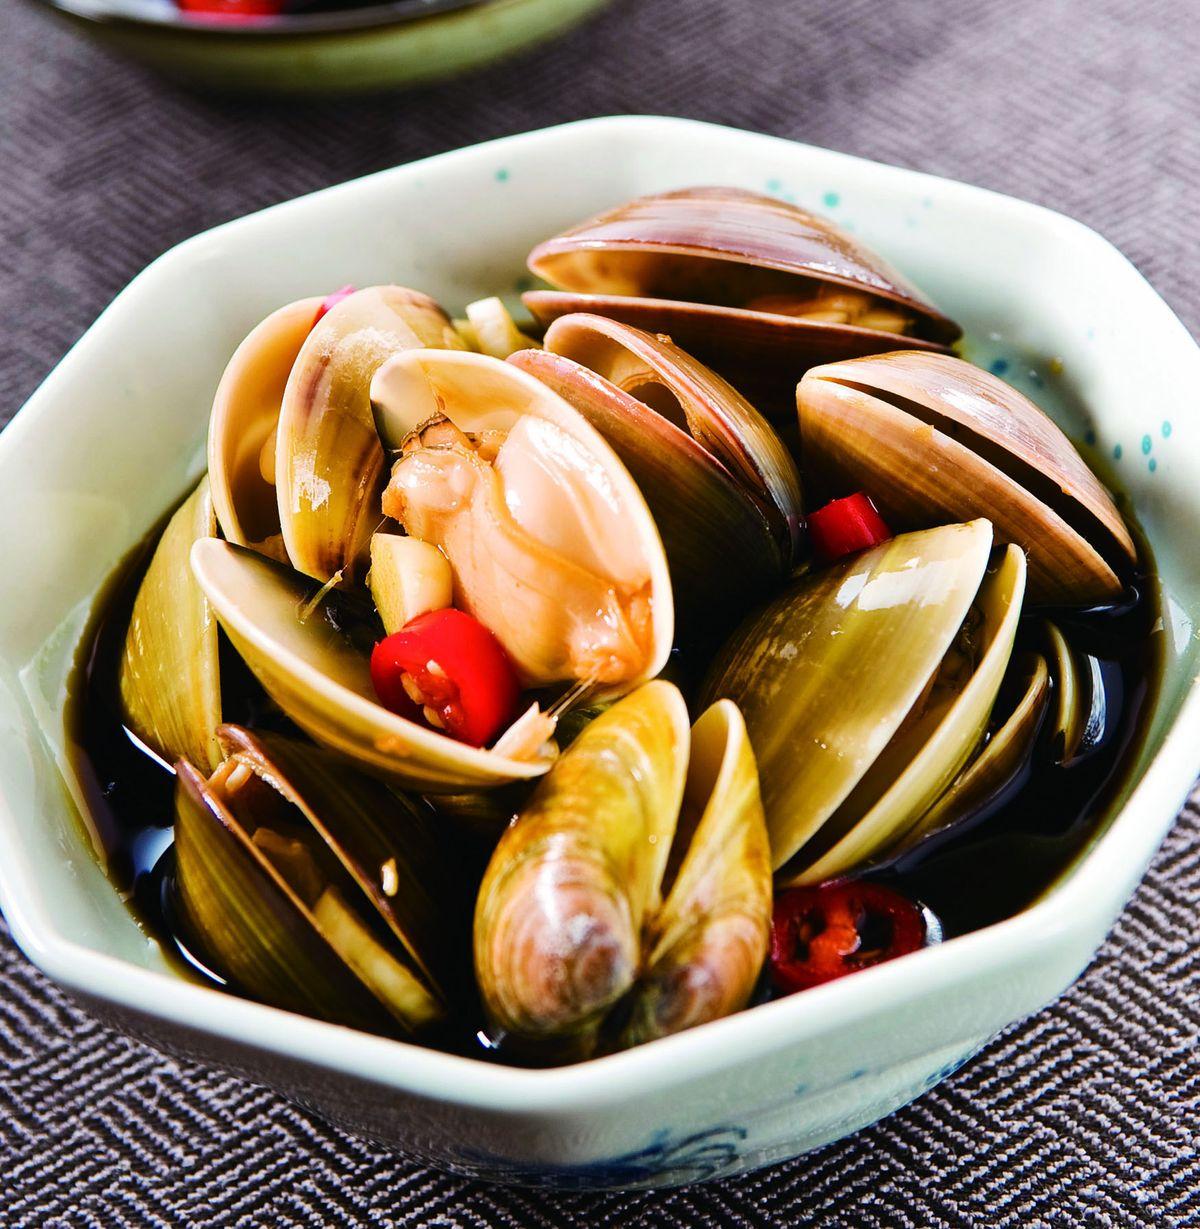 食譜:蒜味醃蛤蜊